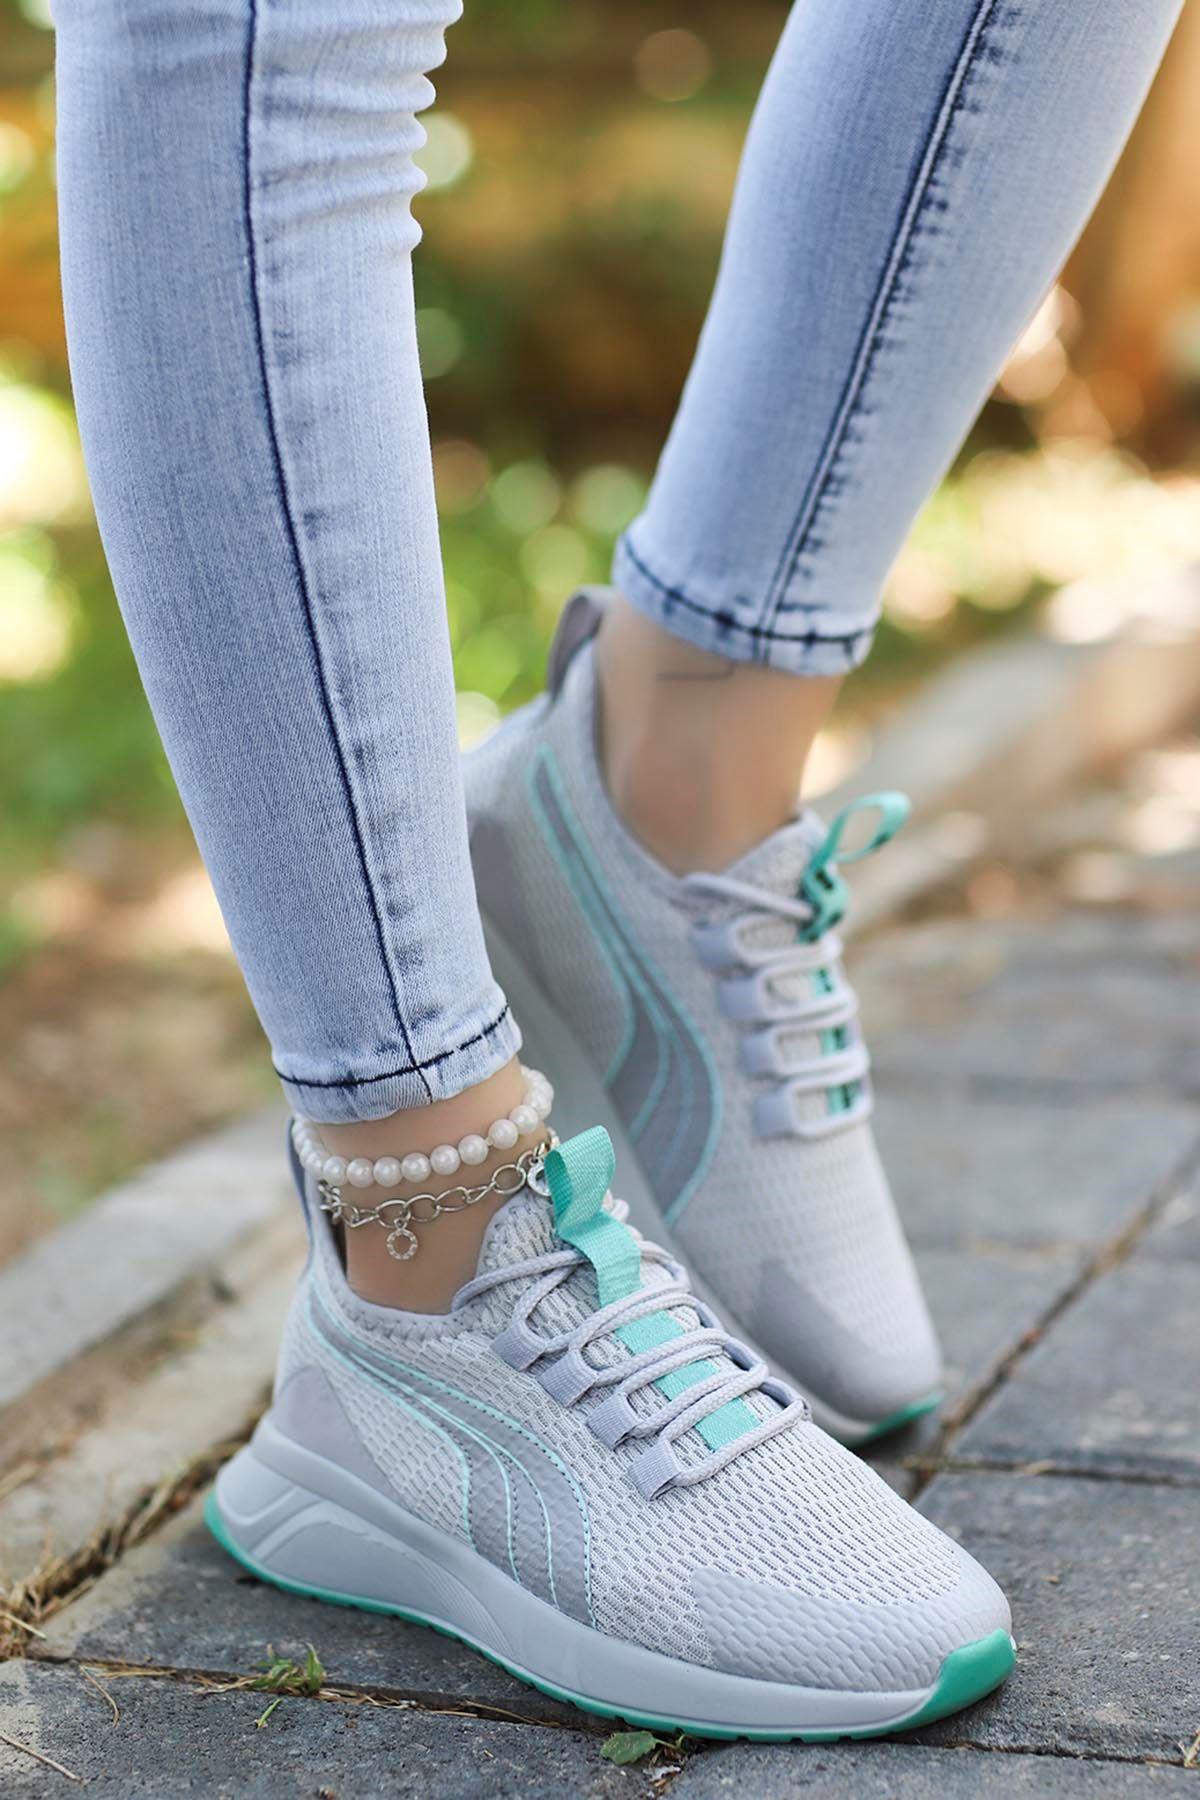 Valeriya File Spor Ayakkabı Gri Yeşil Detay